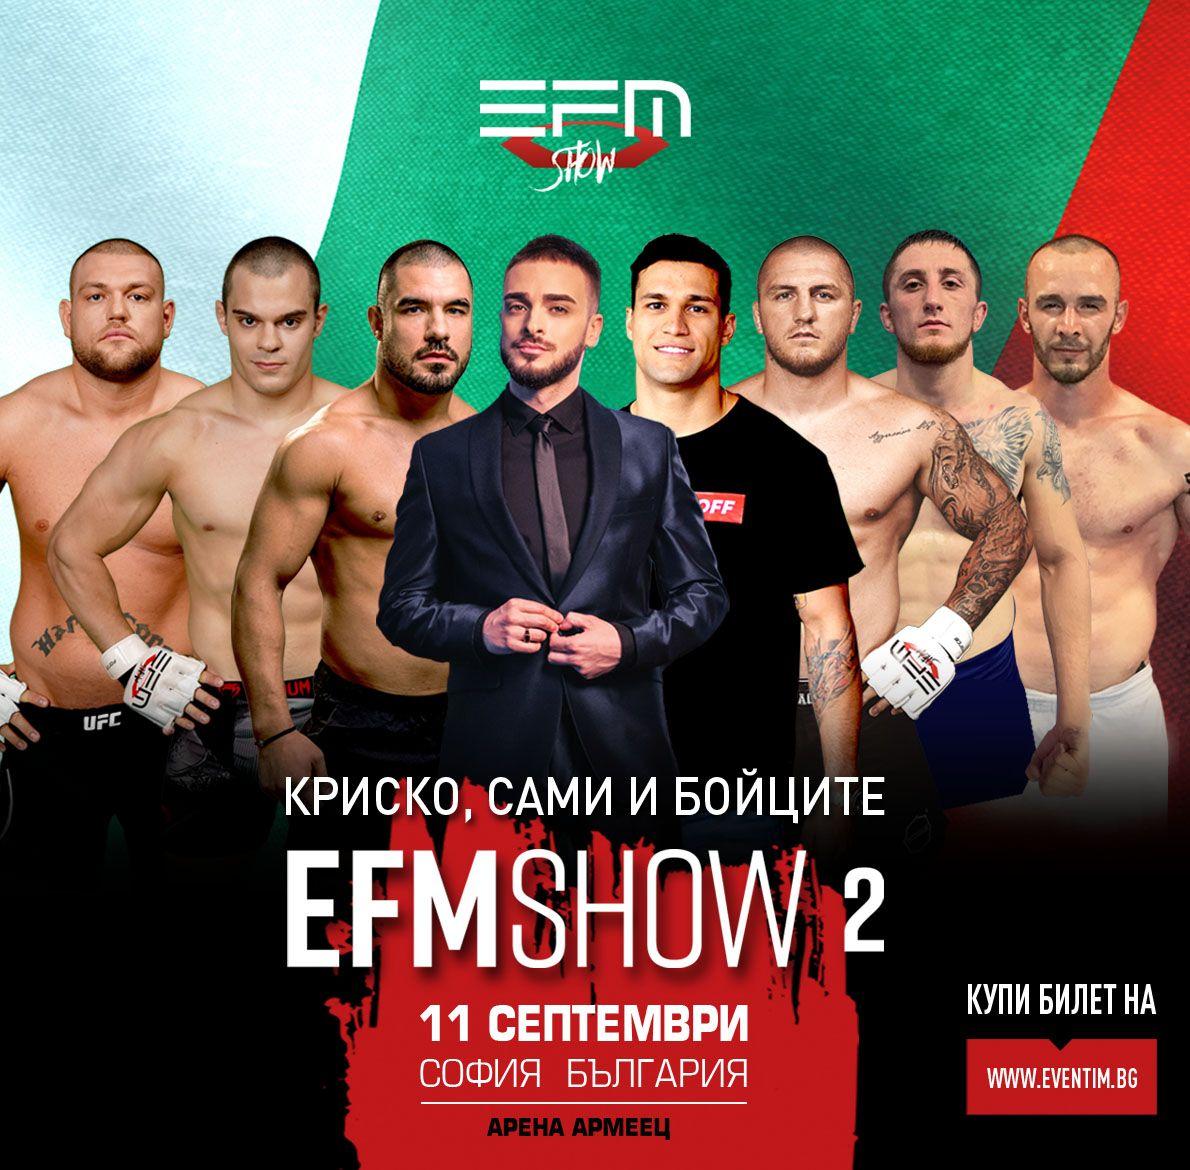 EFM Show 2 ще се проведе с публика на 11-ти септември